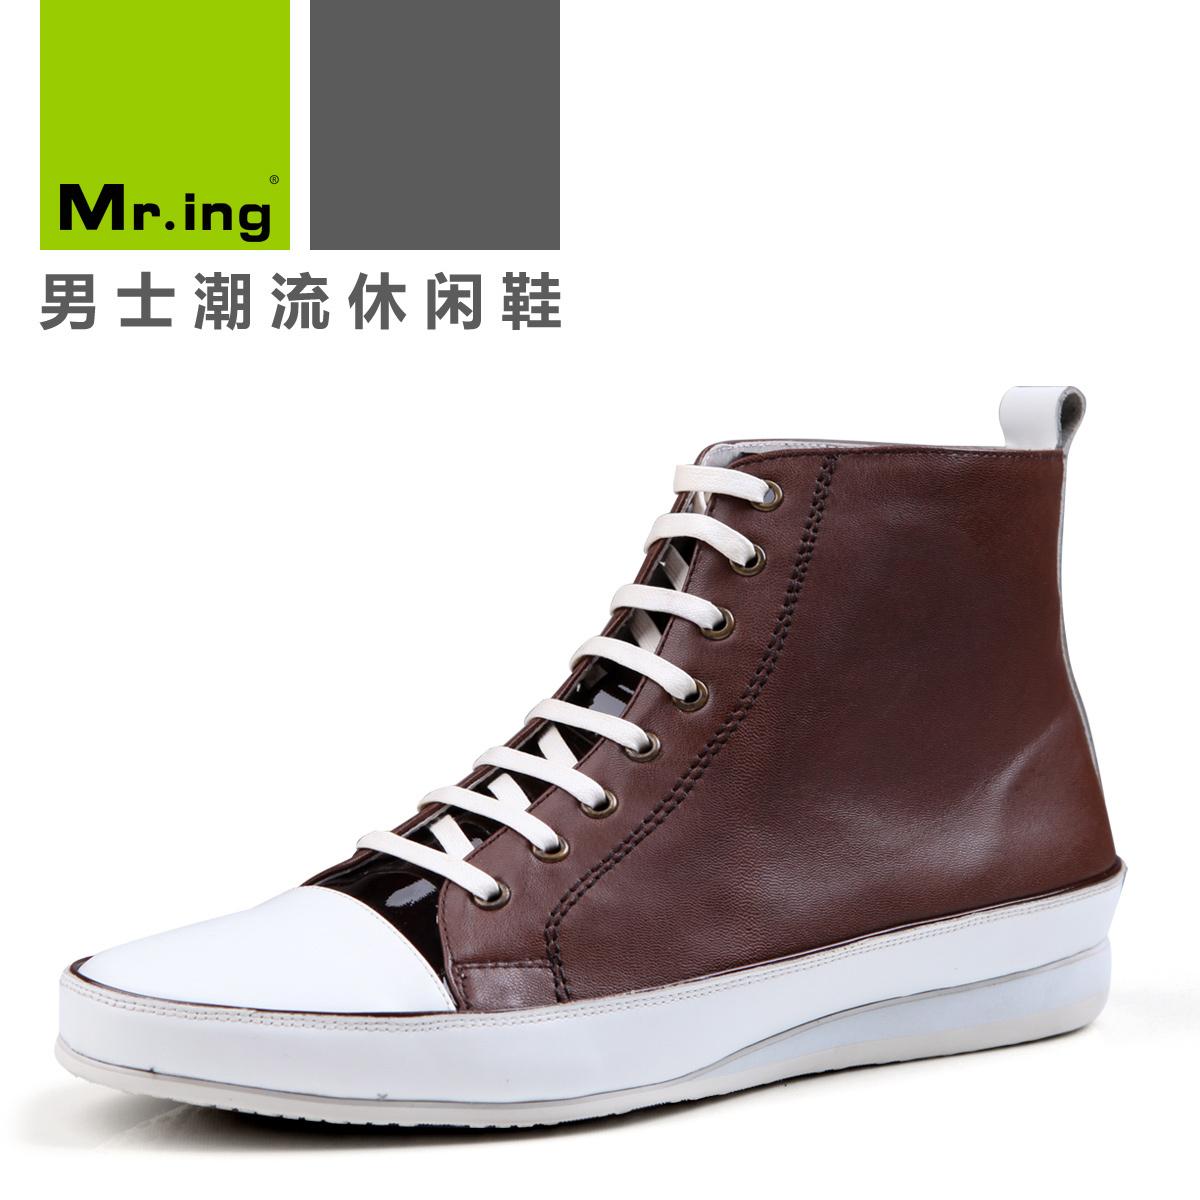 Ботинки мужские ug002 ZUGG Для отдыха Круглый носок Верхний слой из натуральной кожи Мягкая кожа Весна и осень